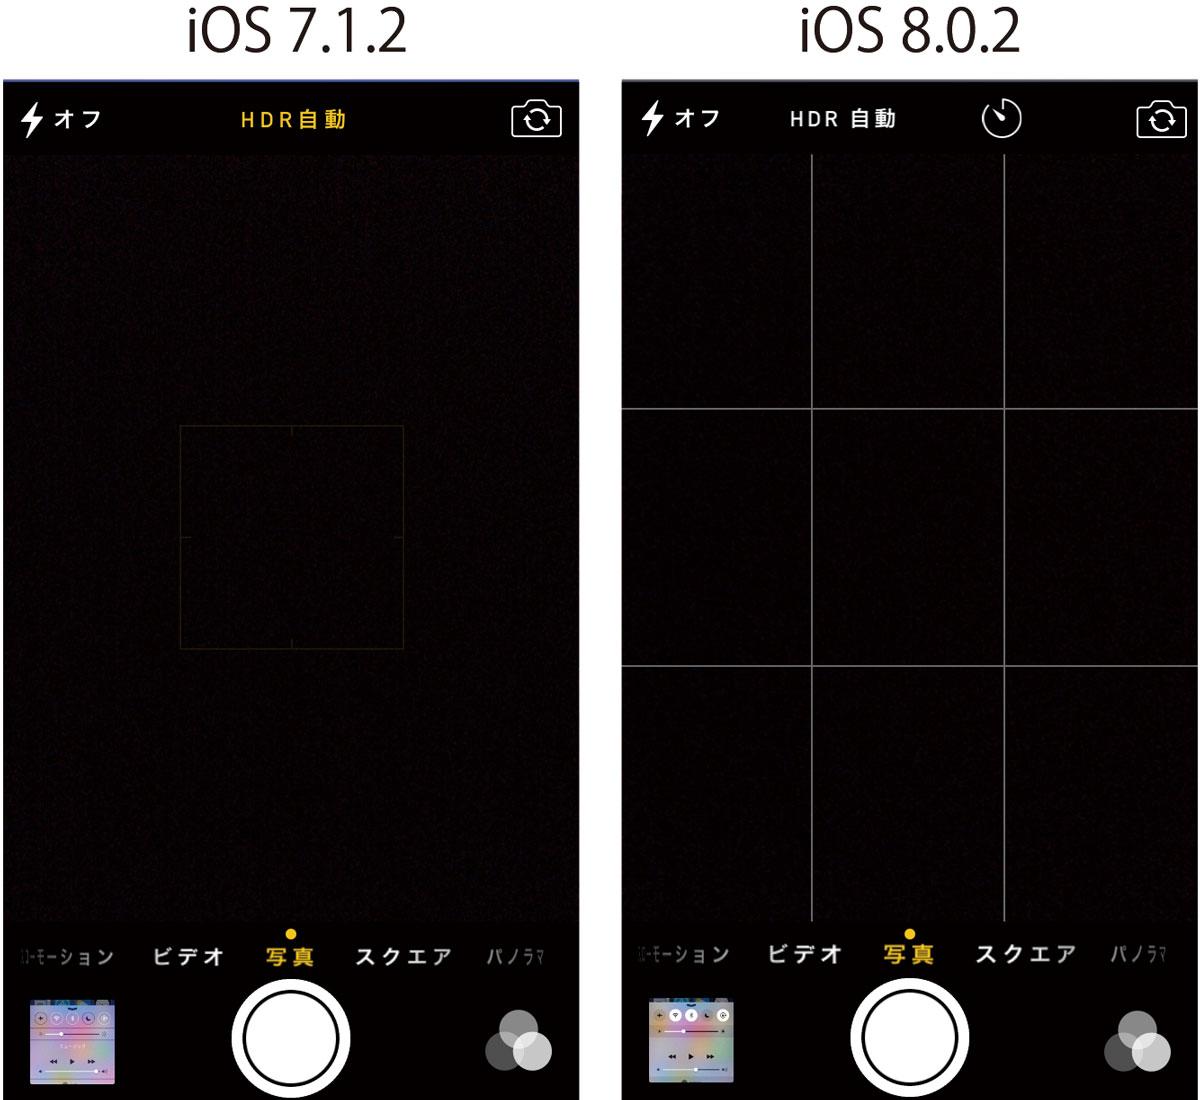 カメラアプリ UIデザイン